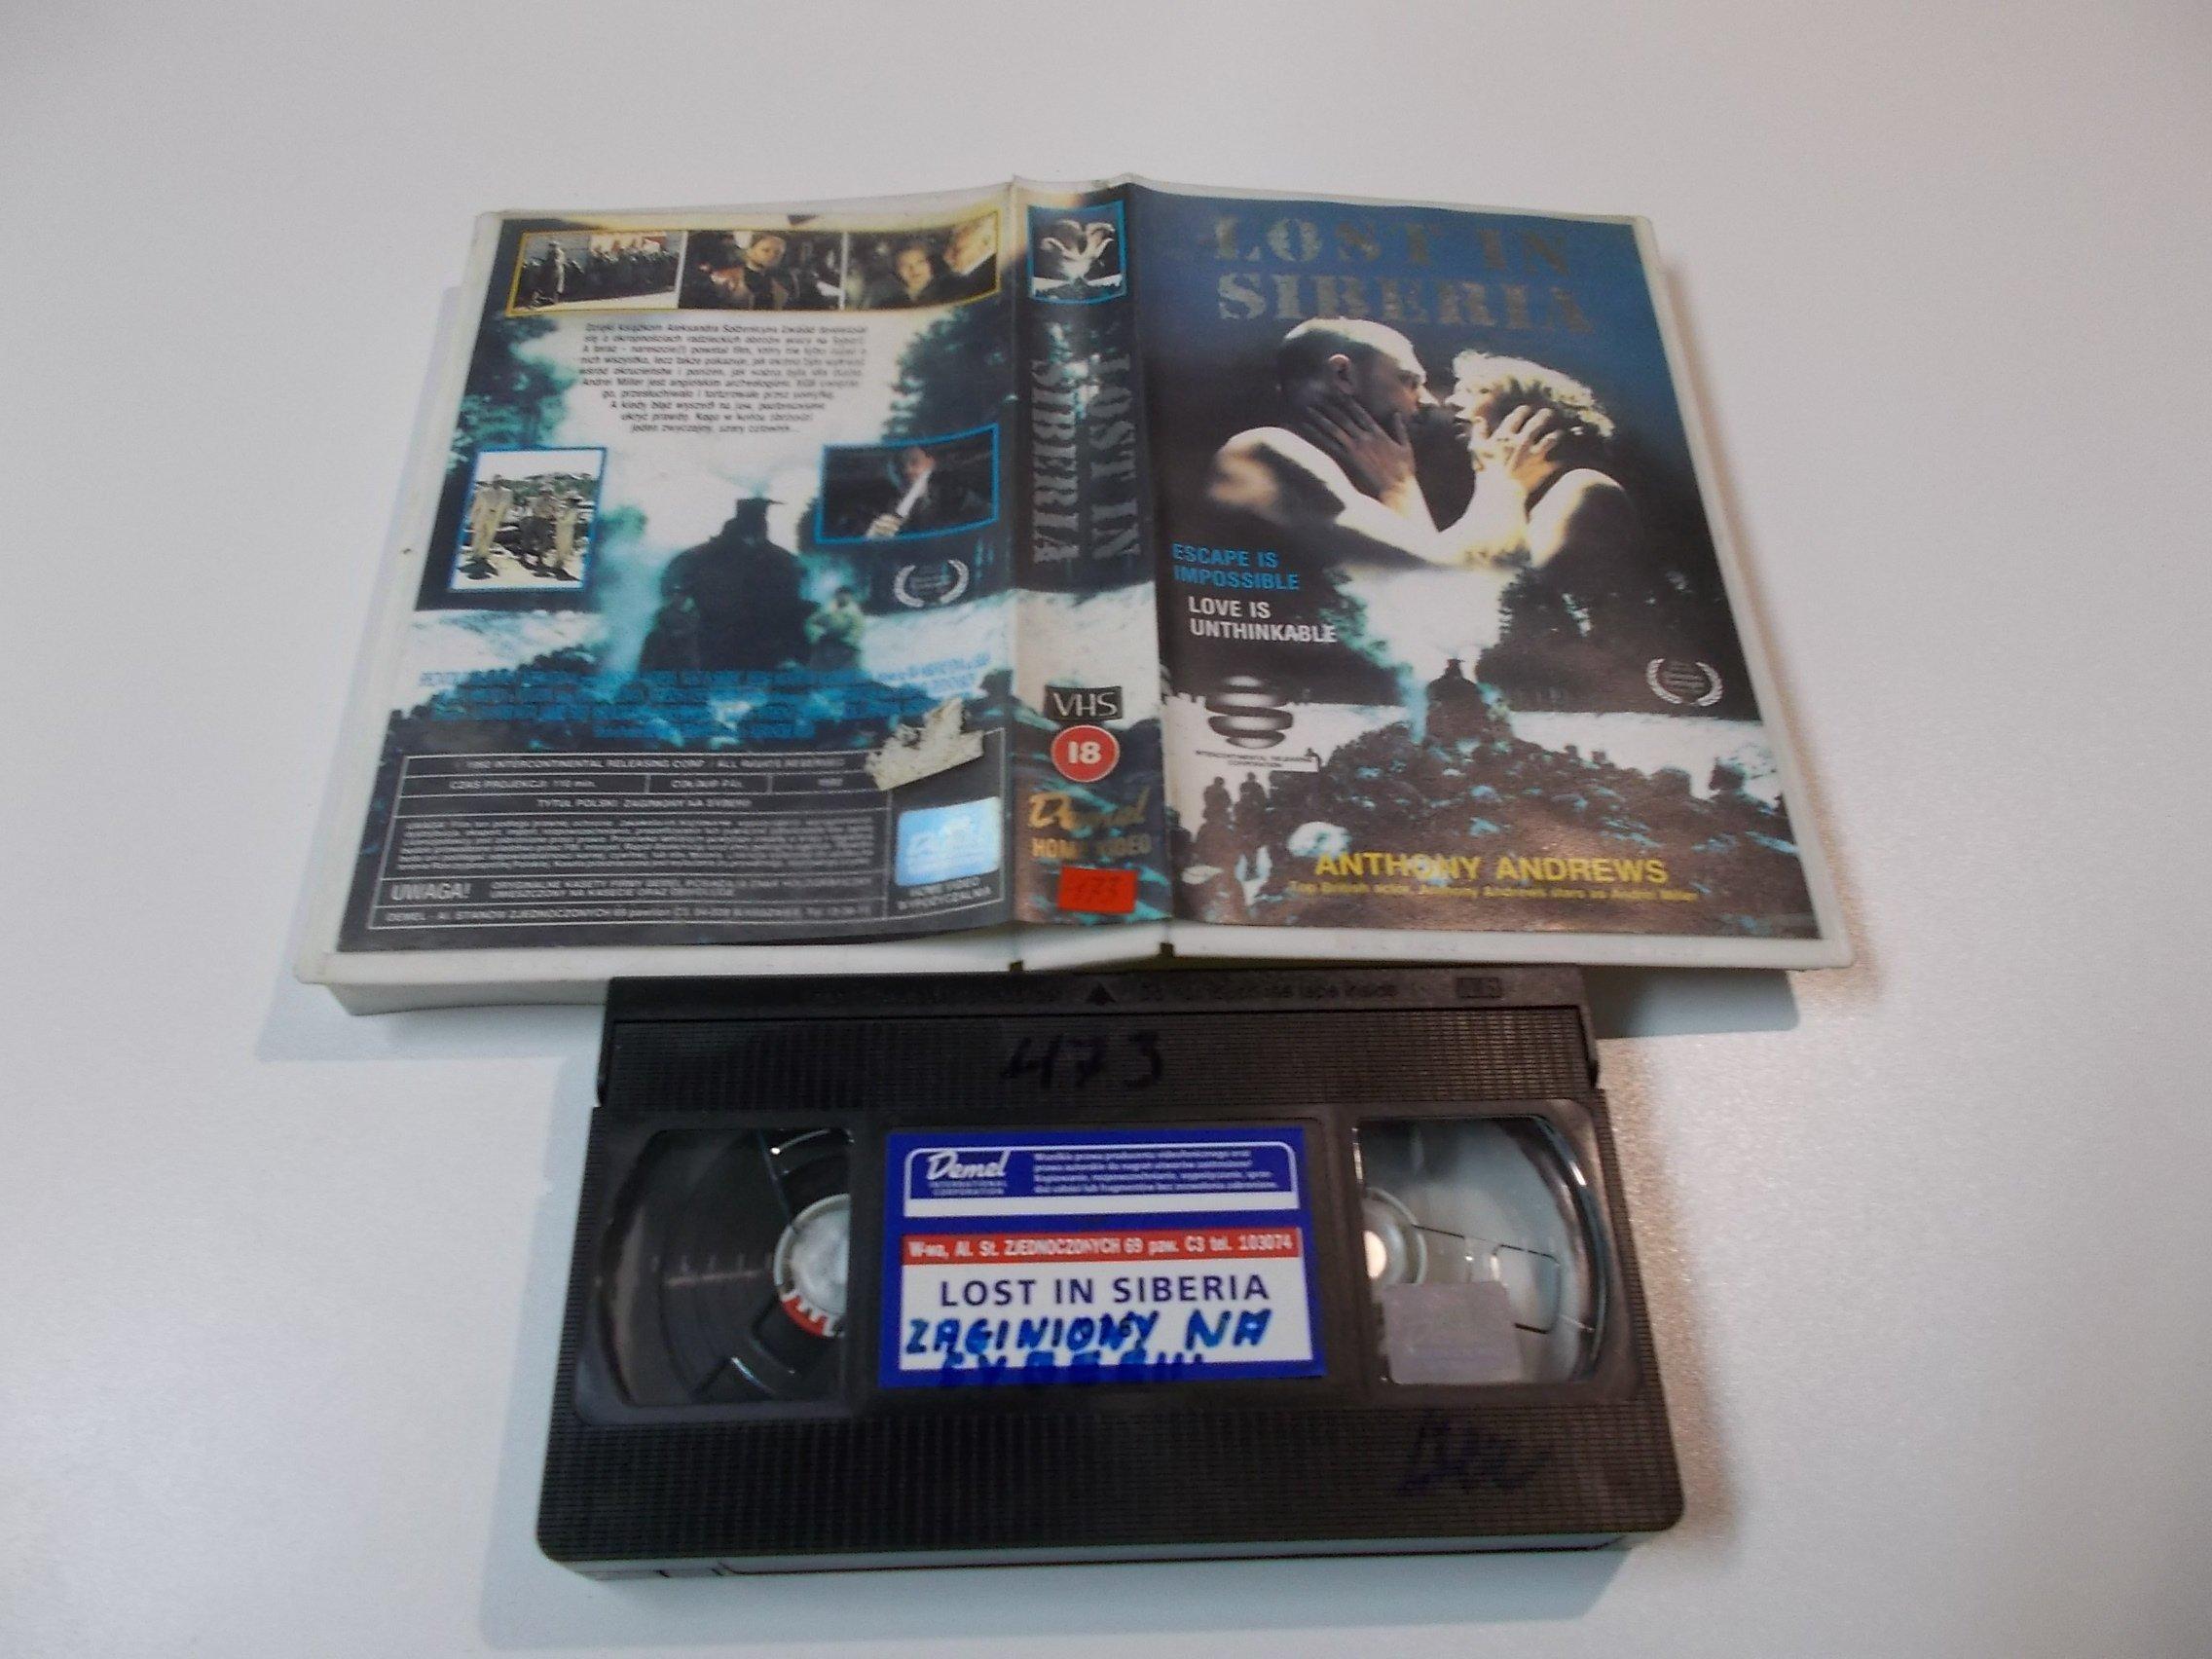 LOST IN SIBERIA - kaseta Video VHS - 1453 Sklep